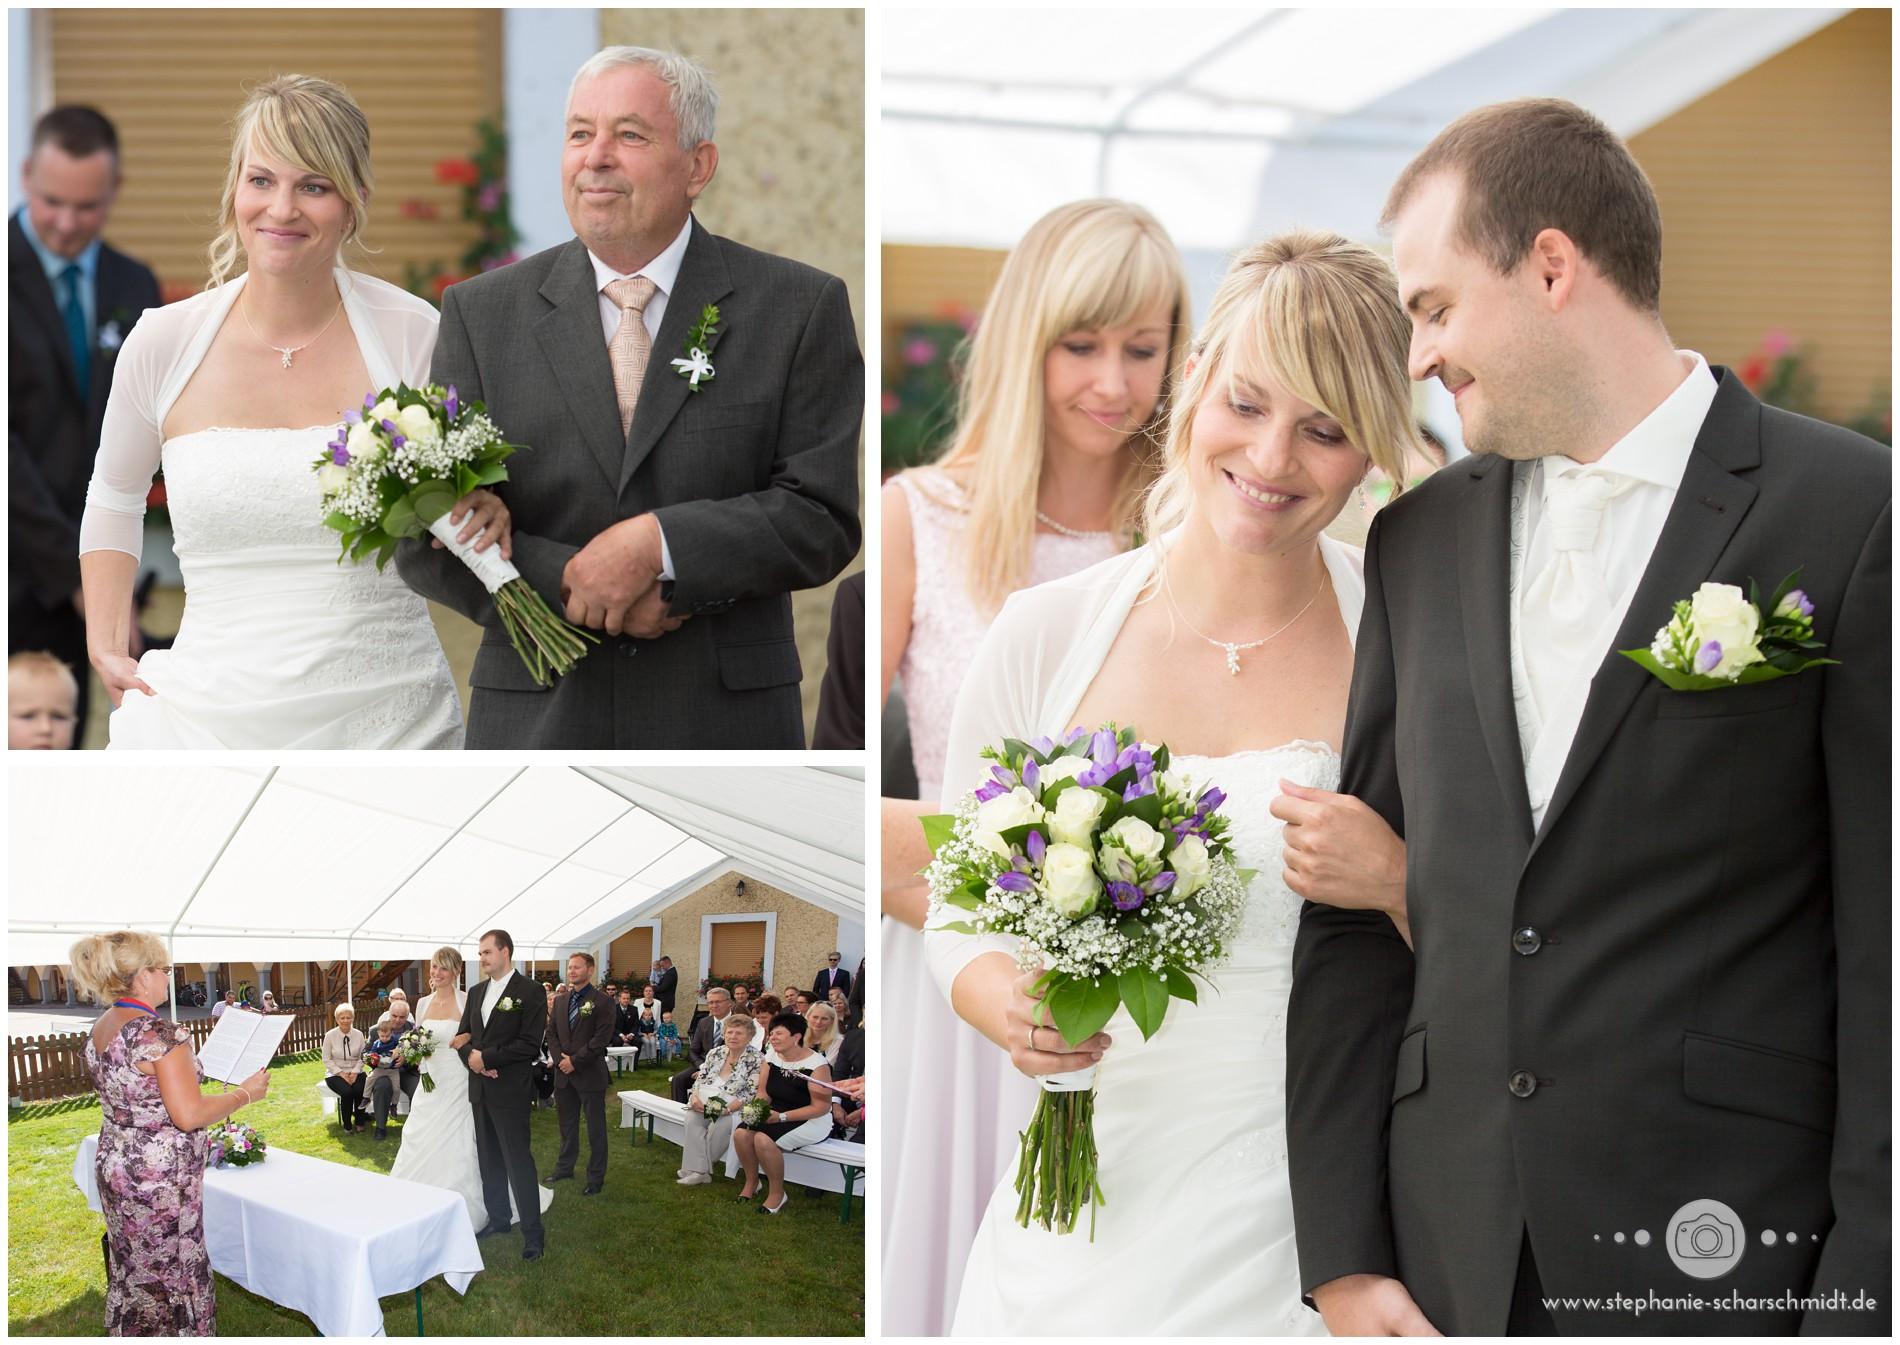 Internationale Hochzeit im Grenzgebiet zu Sachsen